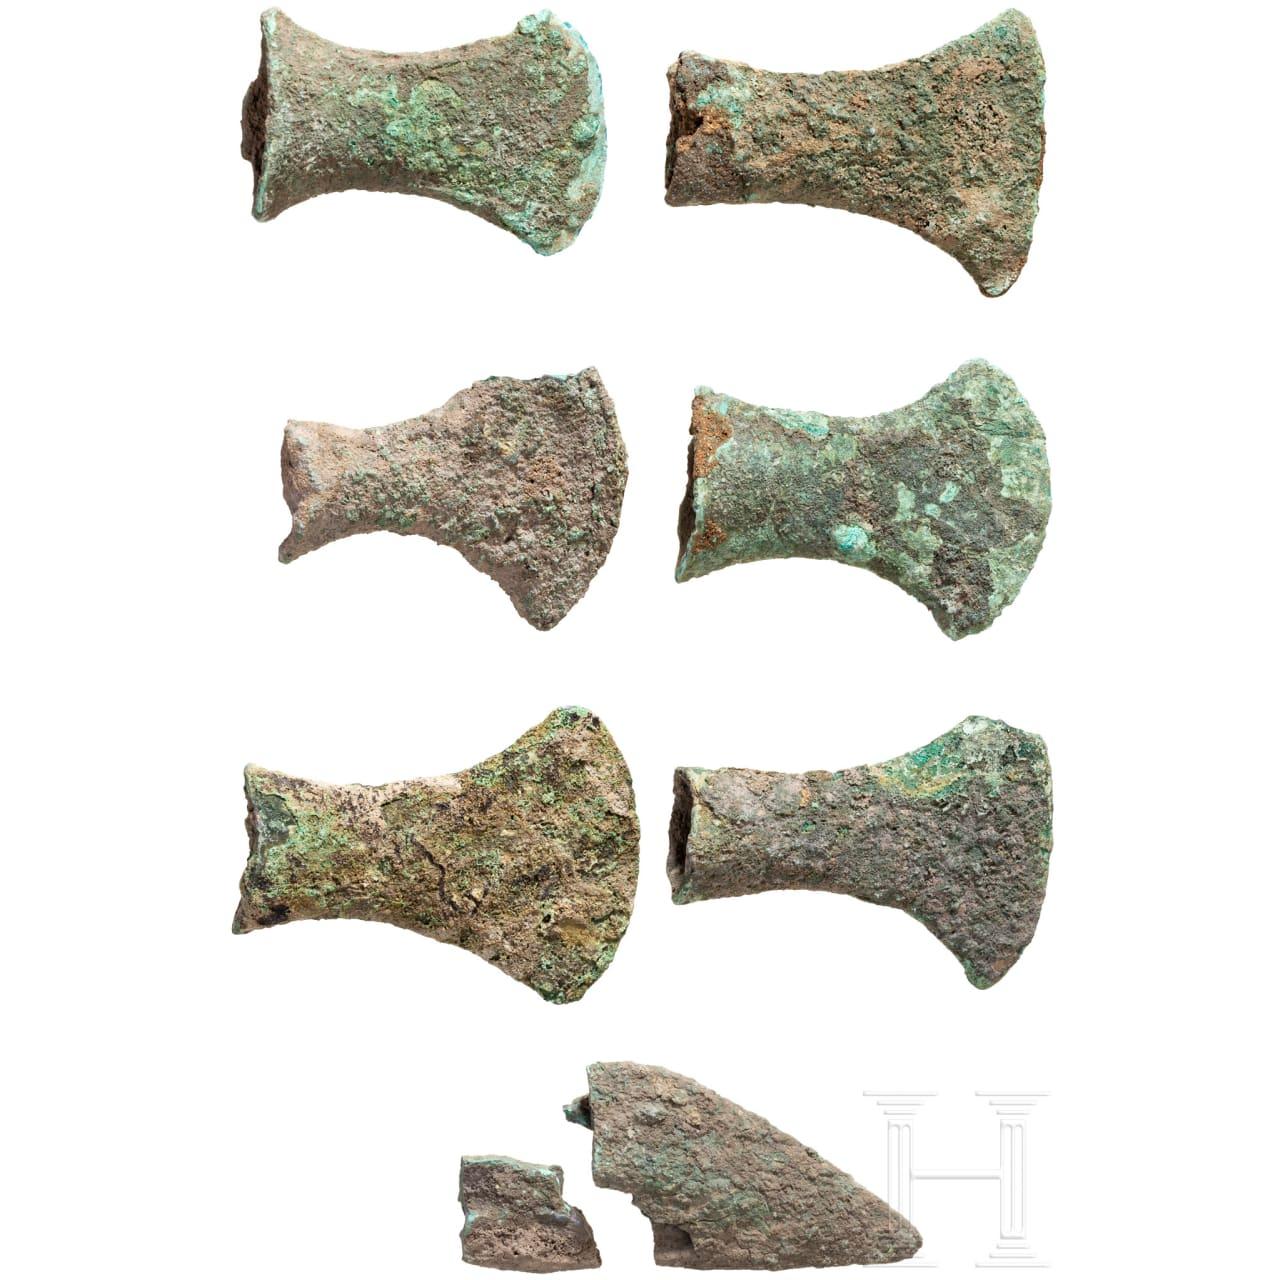 Sechs Tüllenäxte und eine Spitze, Bronzezeit, Südosteuropa bis kaspischer Raum, 2. Jtsd. v. Chr.